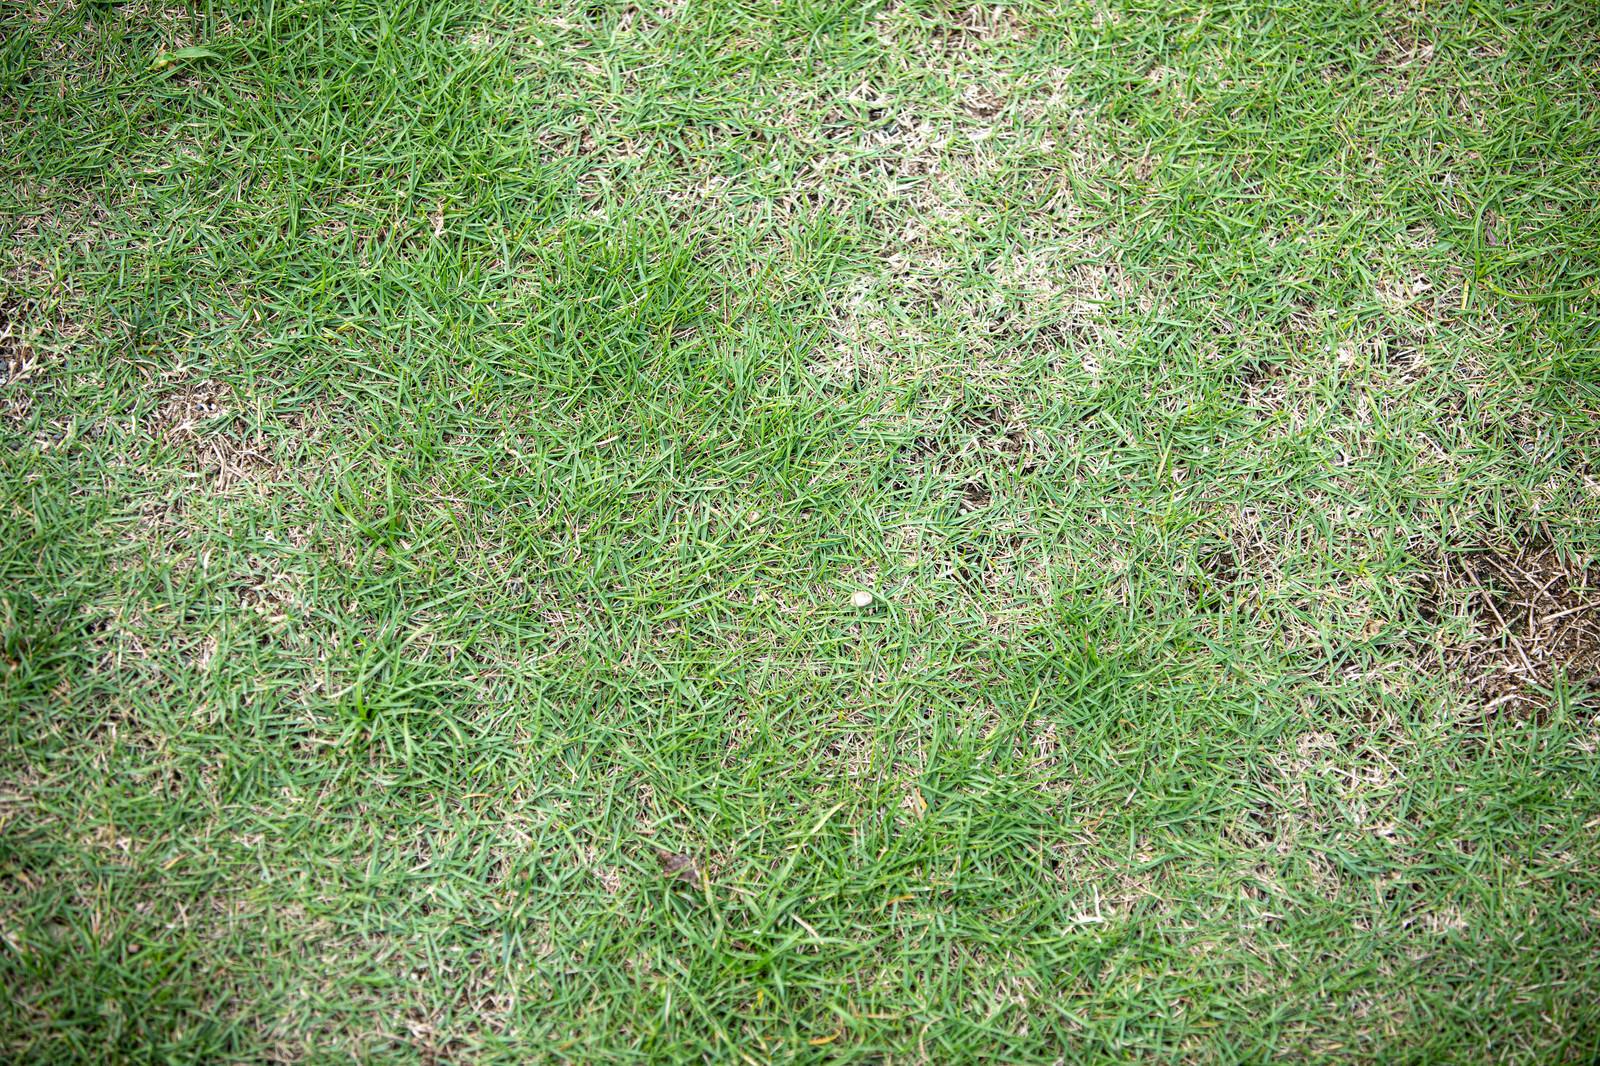 「芝の地面(テクスチャ)」の写真